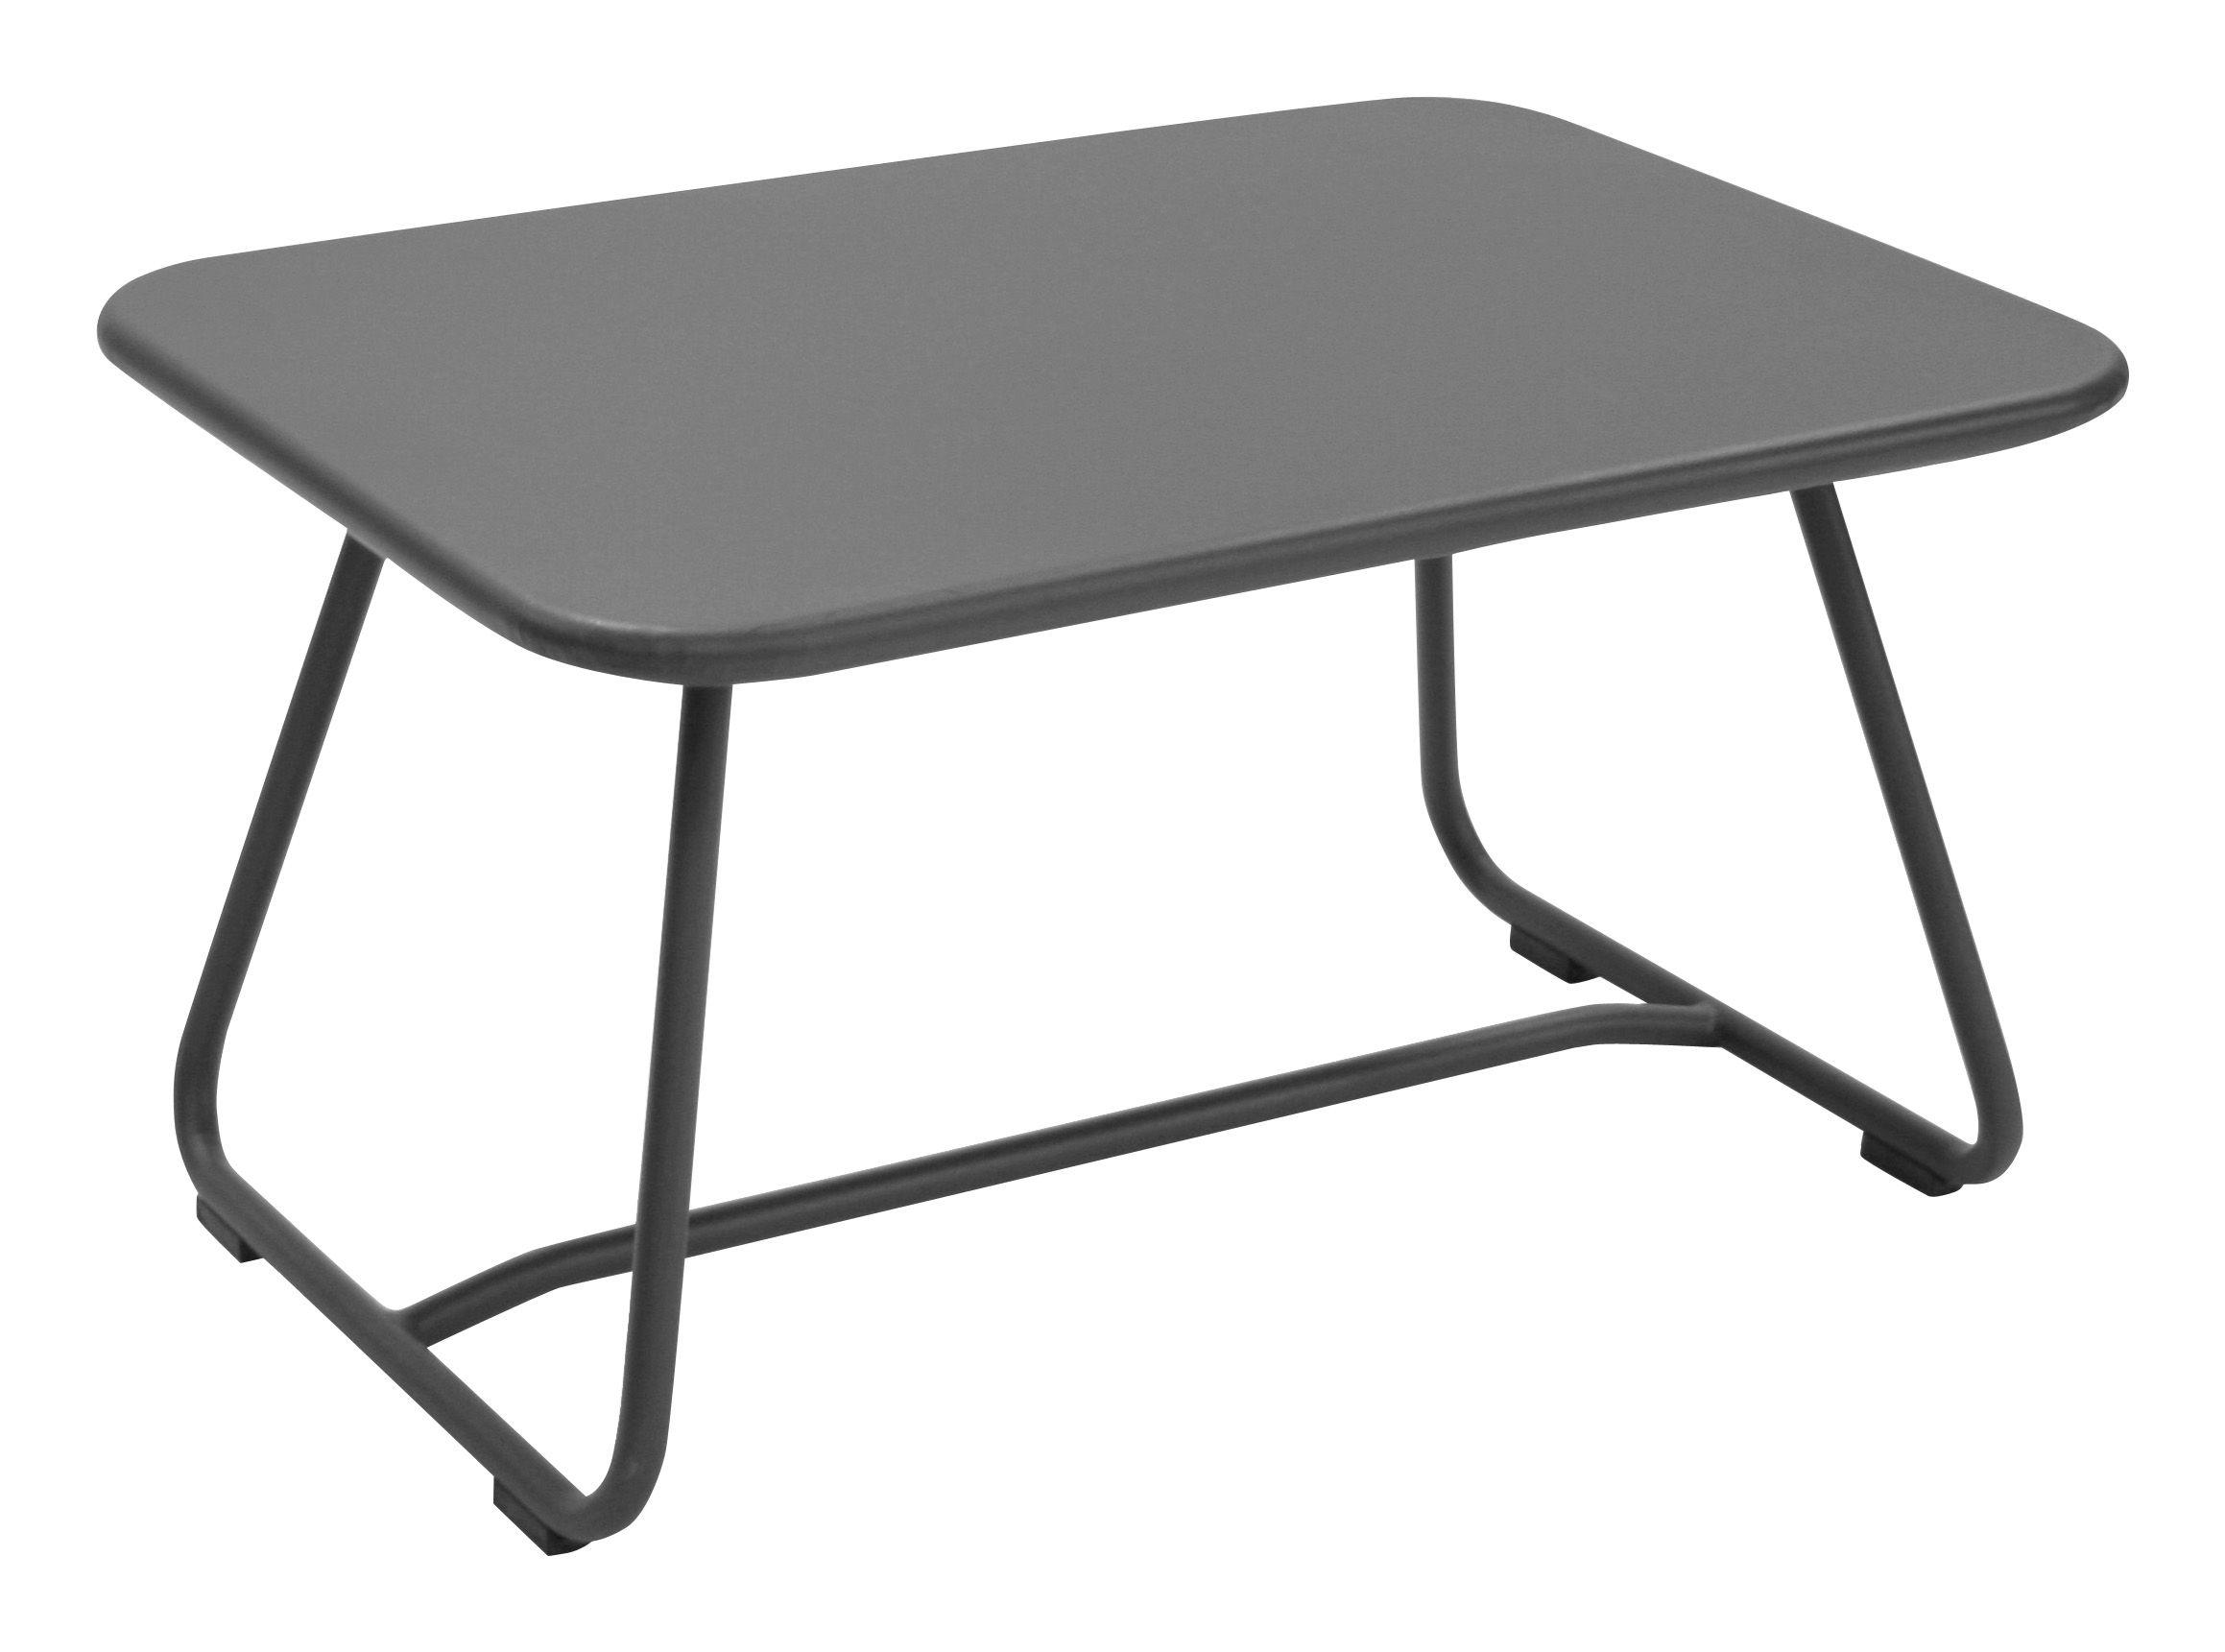 Möbel - Couchtische - Sixties Couchtisch - Fermob - Gewittergrau - lackierter Stahl